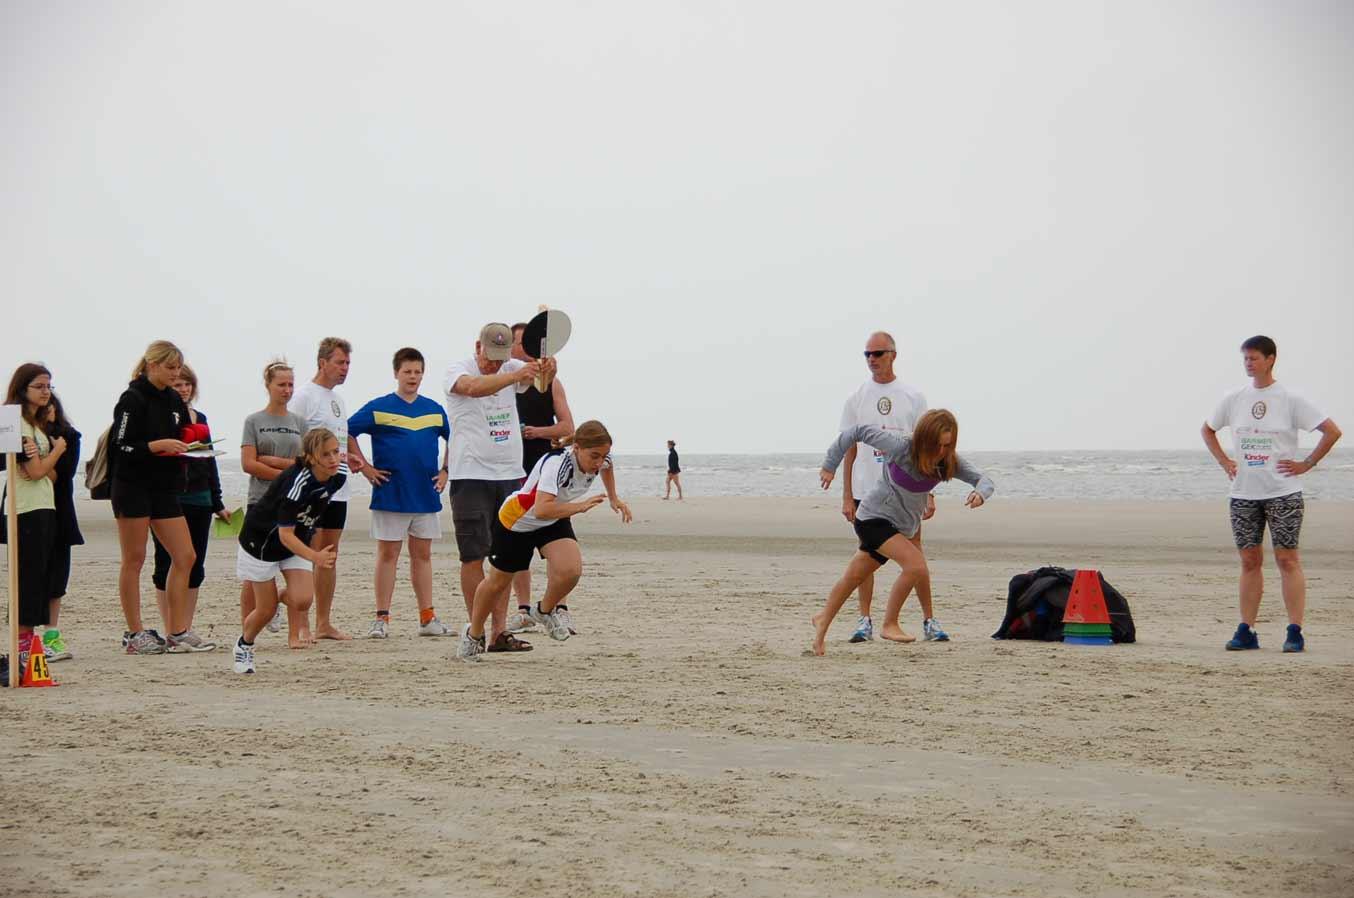 Nach dem Sieg Langeoogs beim Inselduell vor drei Jahren will Norderney Revanche. Foto: DOSB